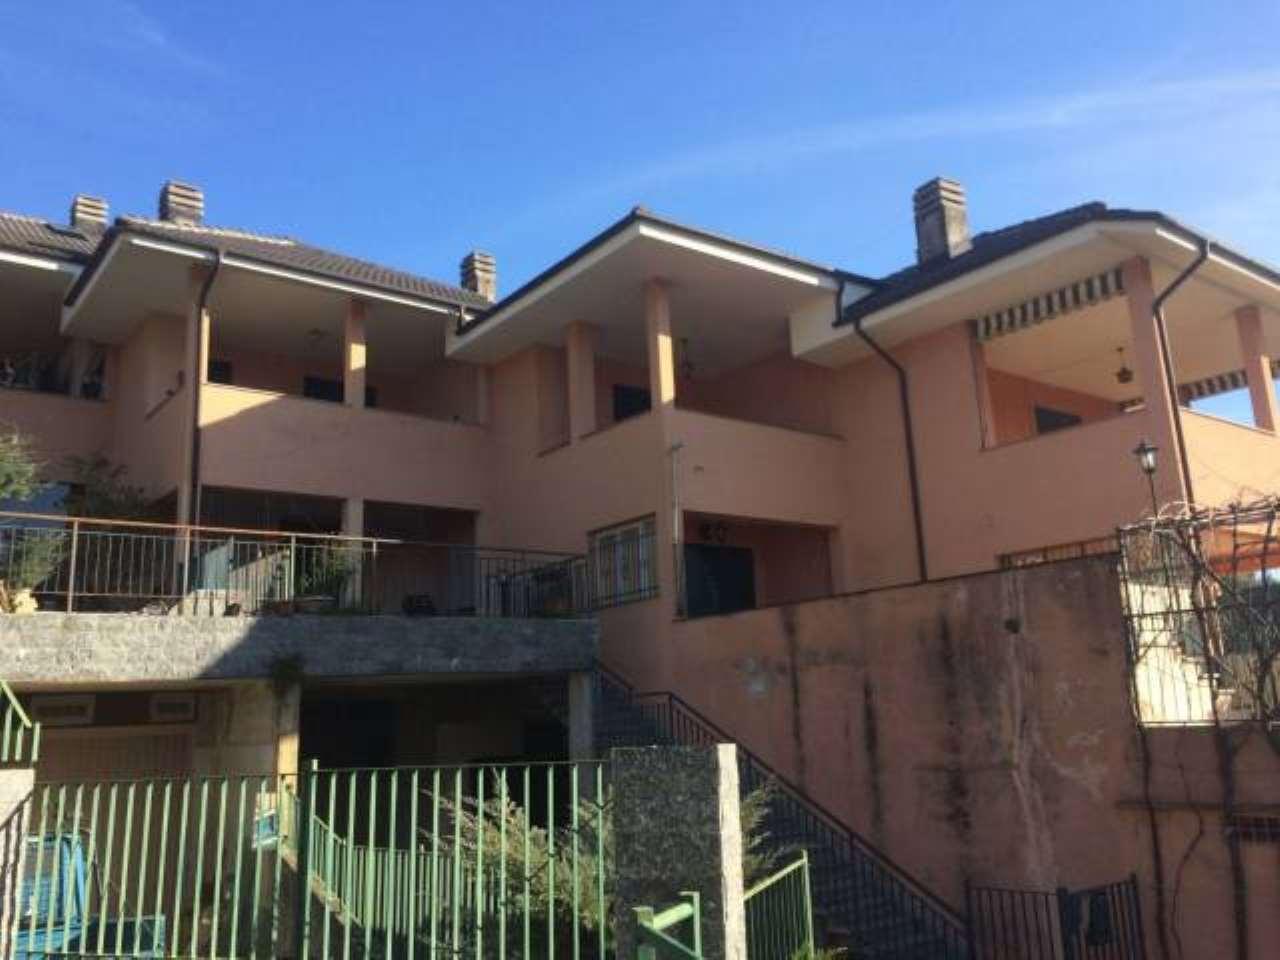 Foto 1 di Villetta a schiera via Massasco 2e, Casarza Ligure